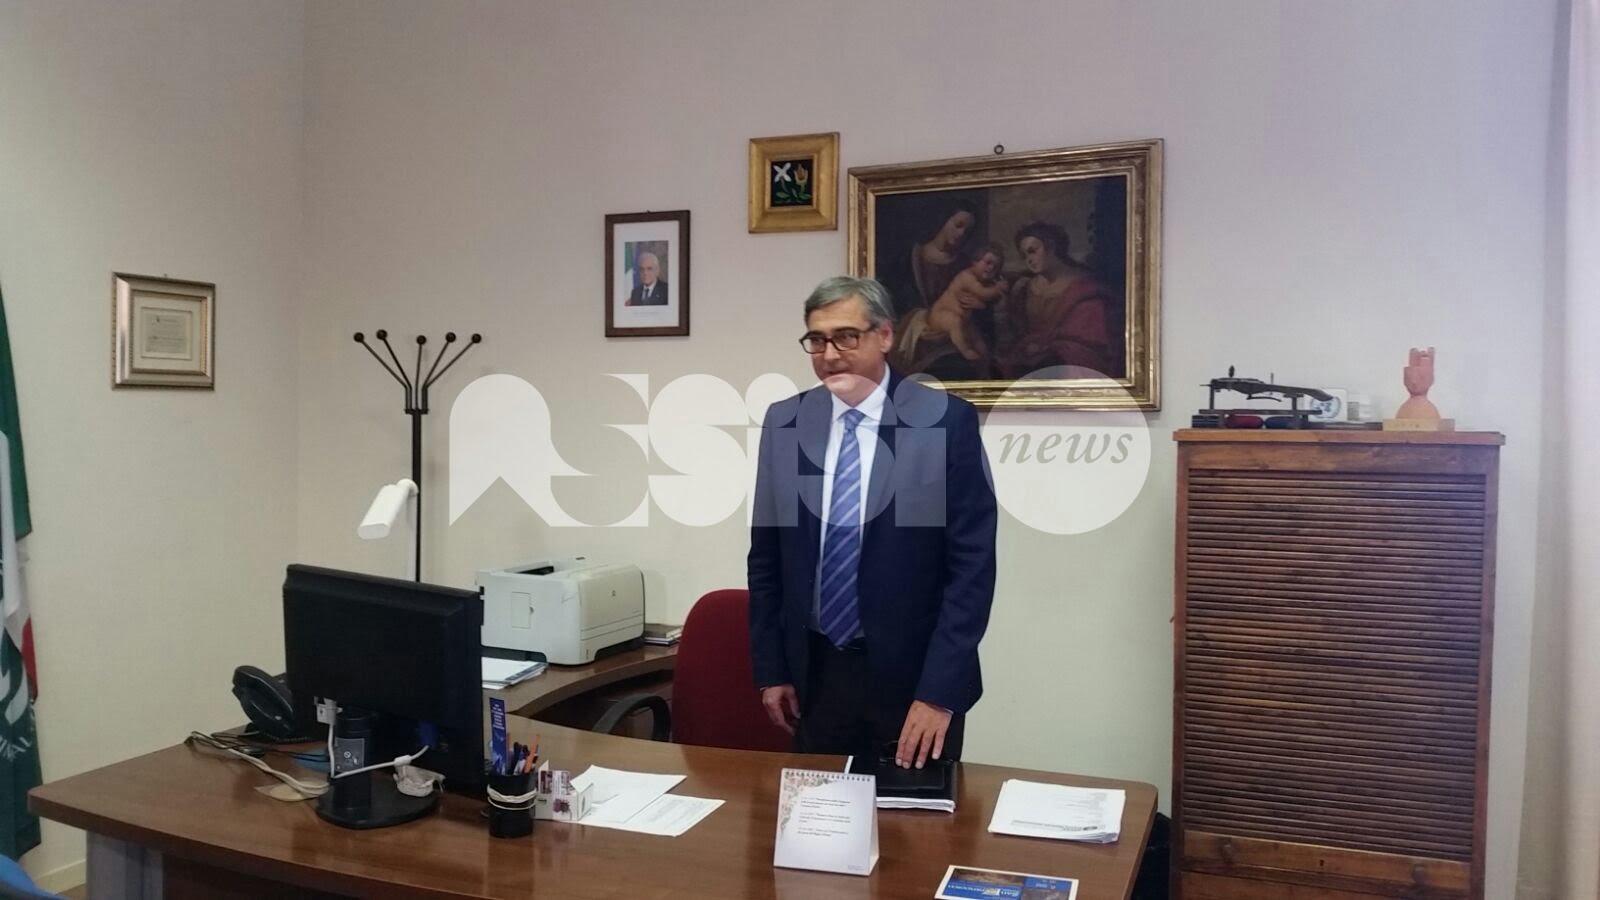 Si è insediato Fabrizio Proietti, nuovo segretario comunale di Assisi